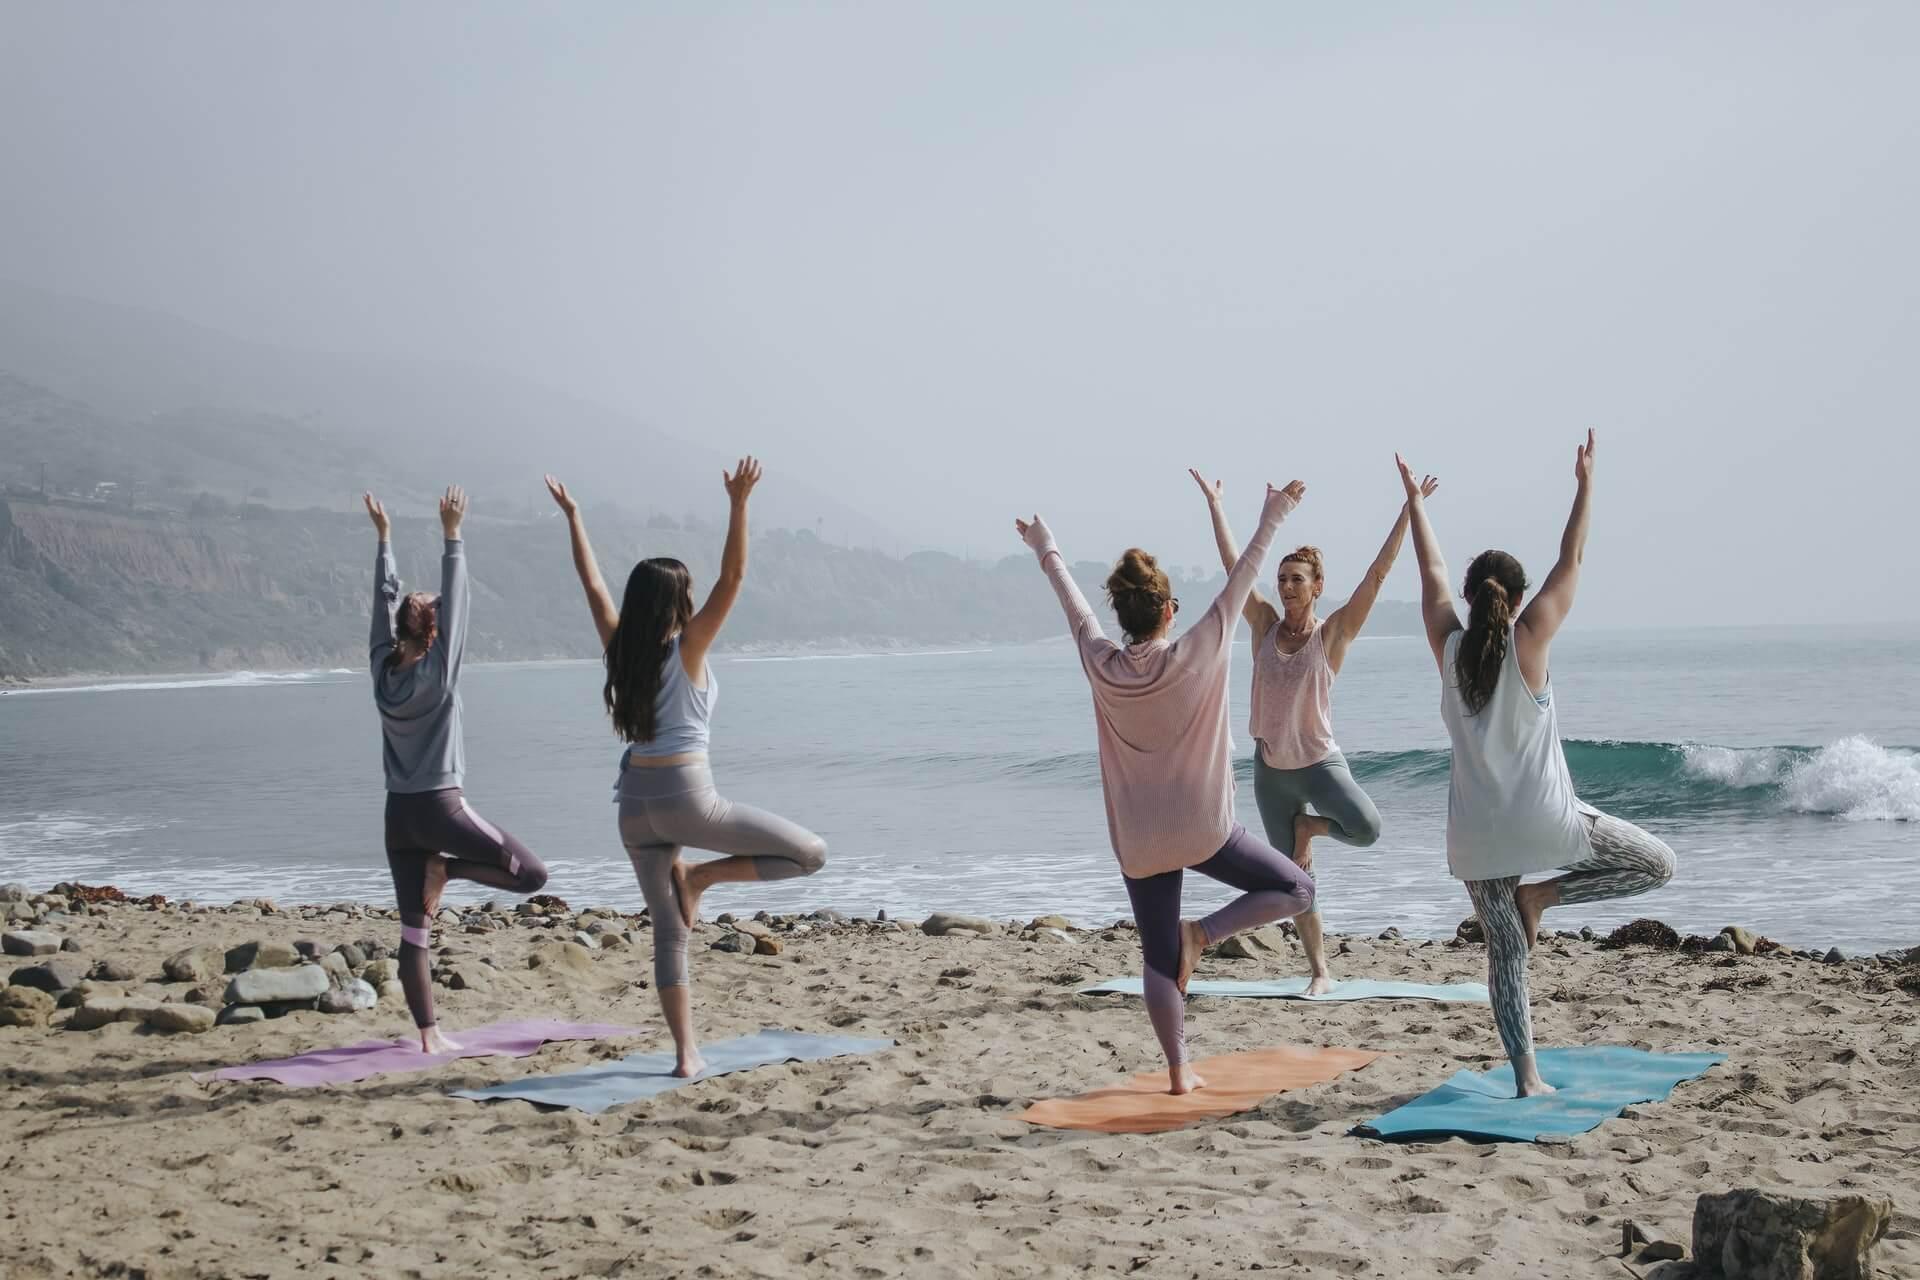 Mulheres praticando yoga na praia